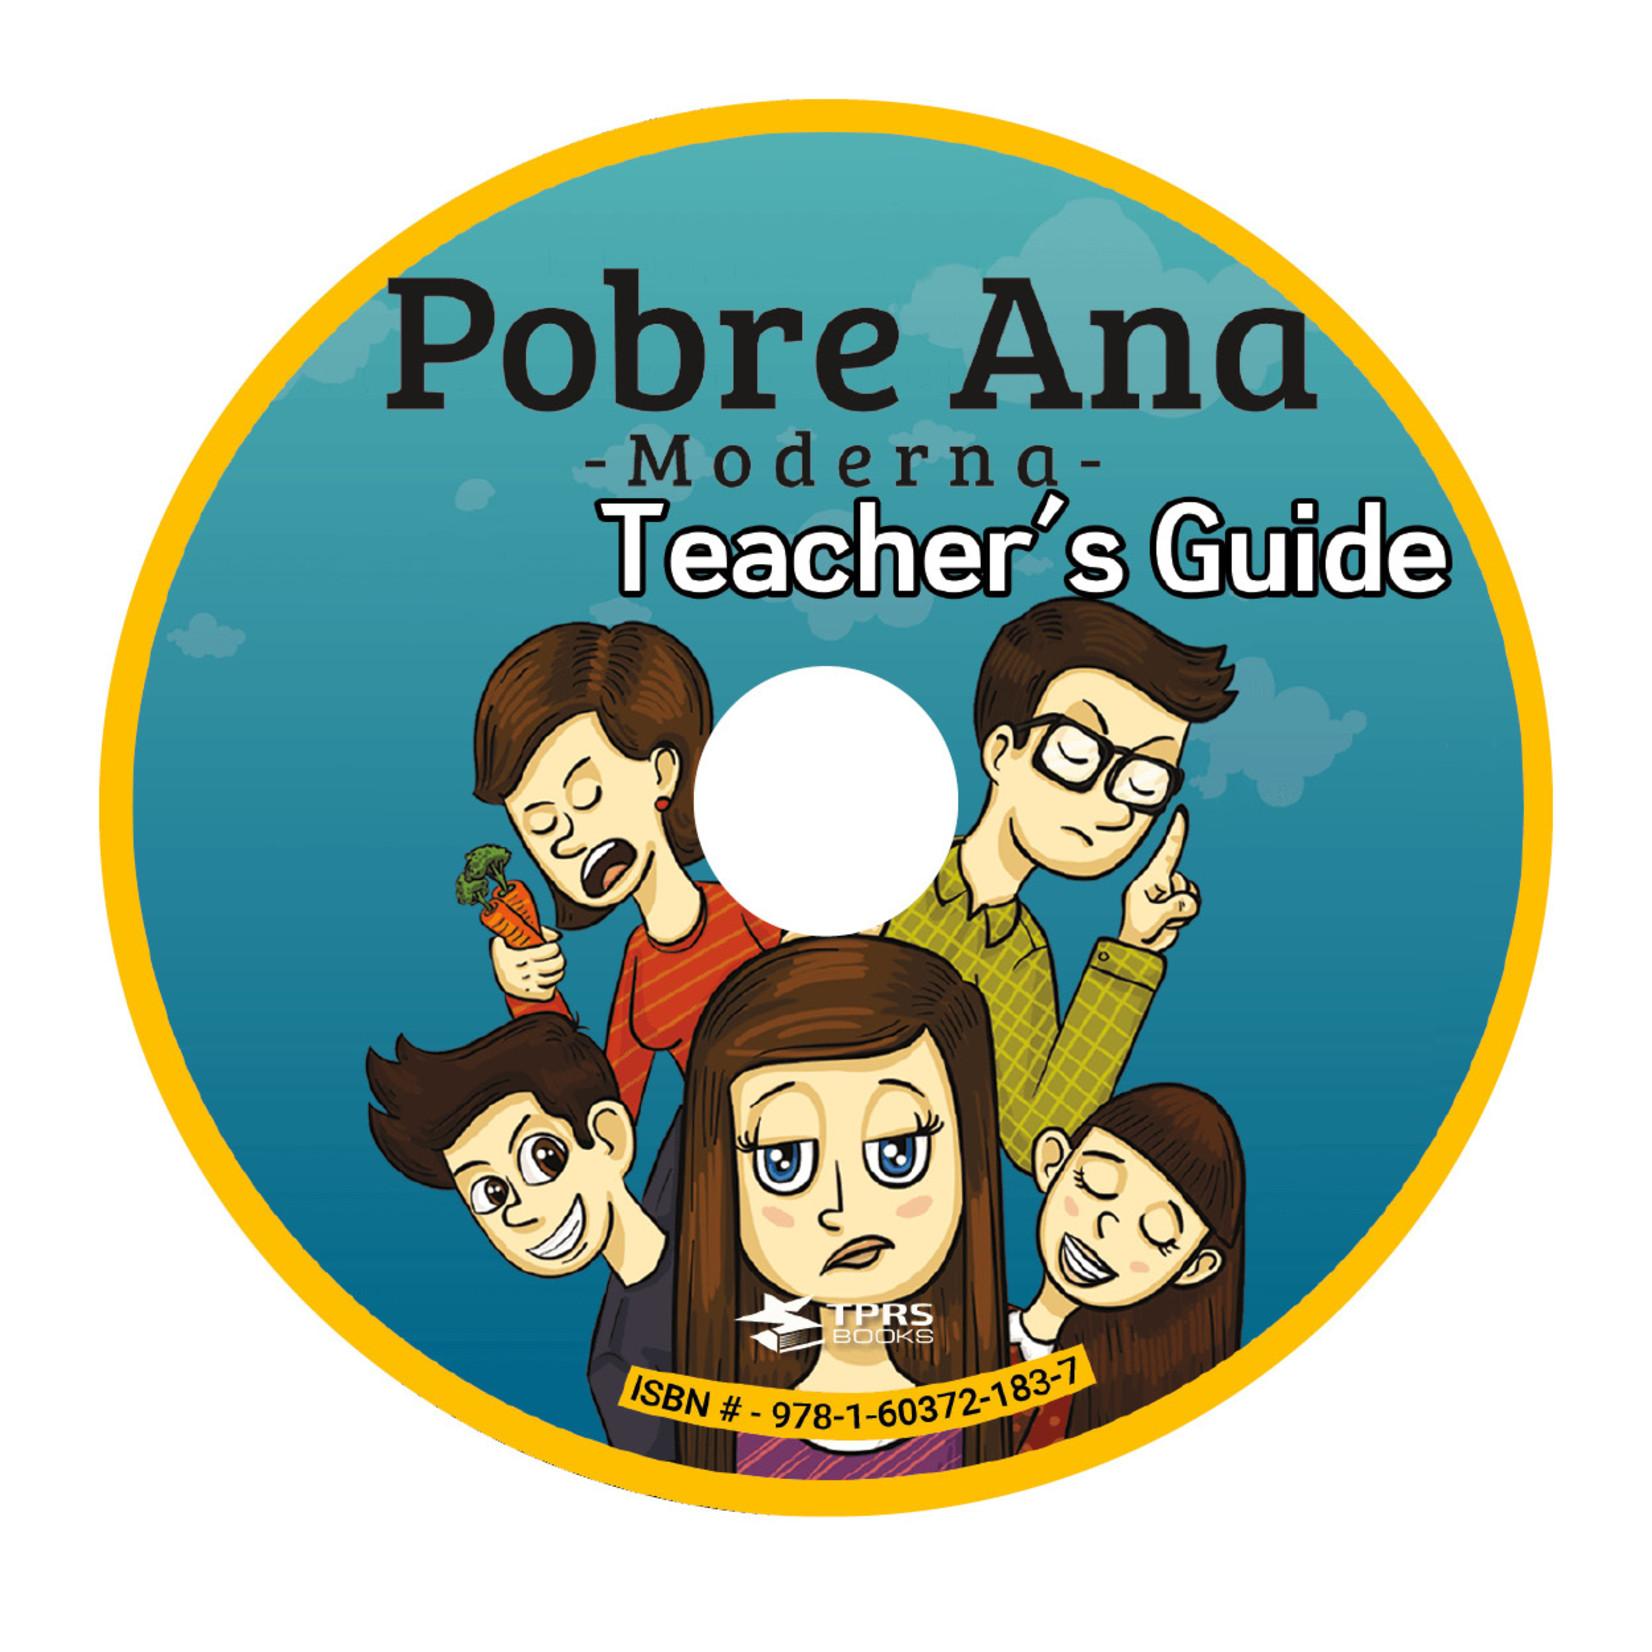 TPRS Books Pobre Ana Moderna - Teacher's Guide